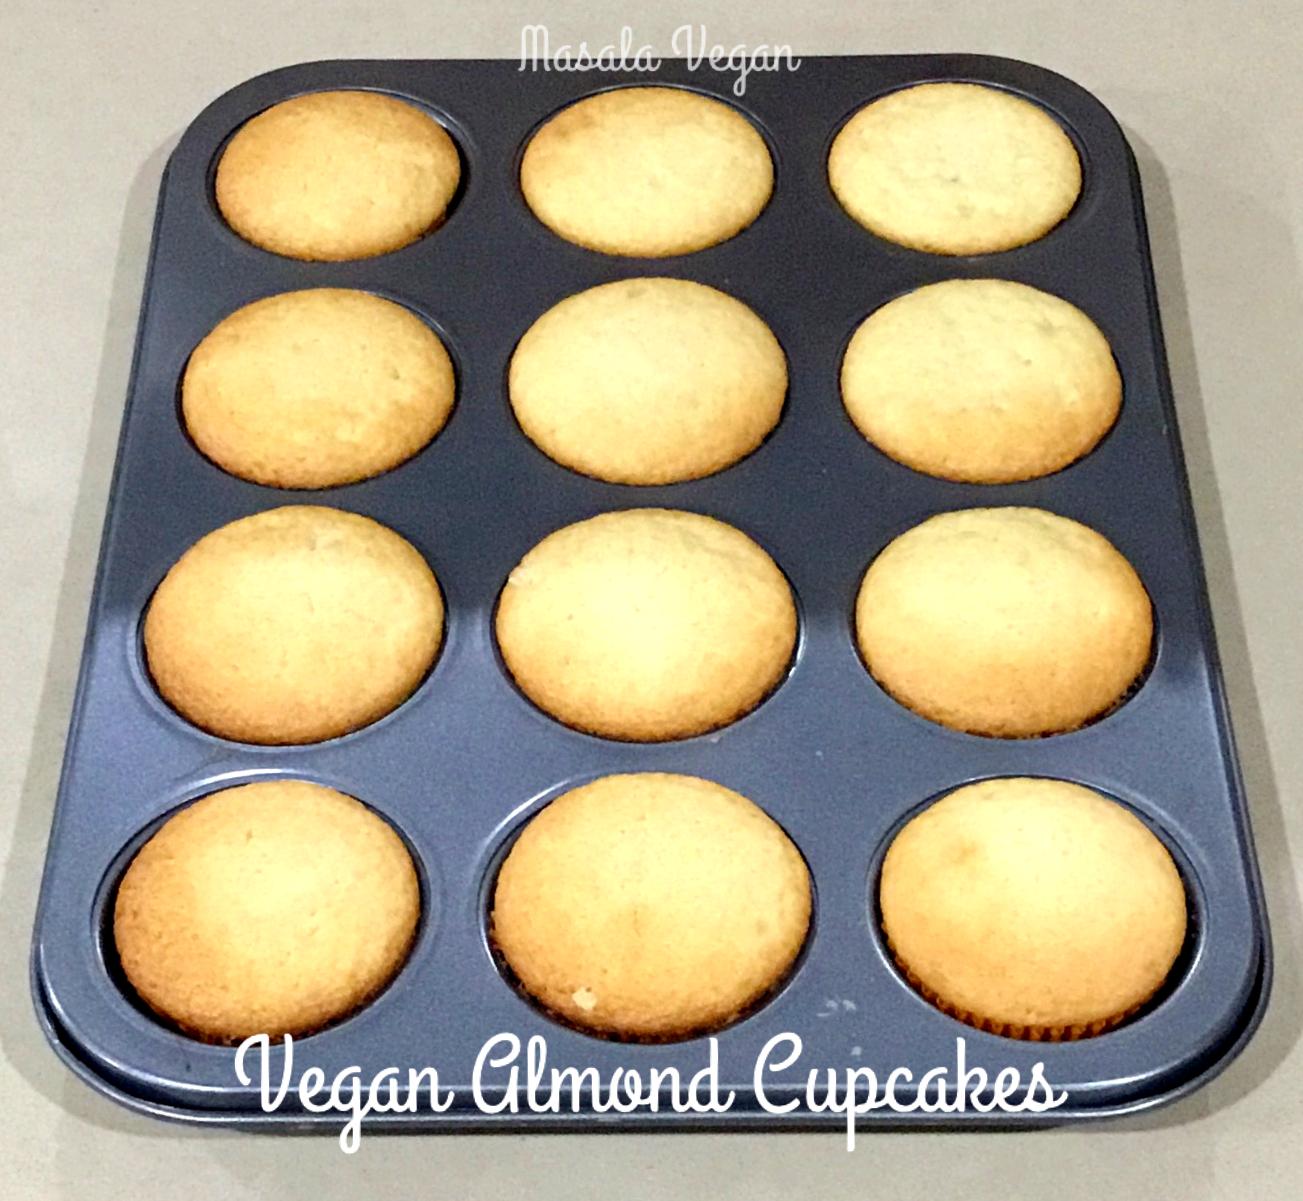 Cupcake pan with Vegan Almond Cupcakes